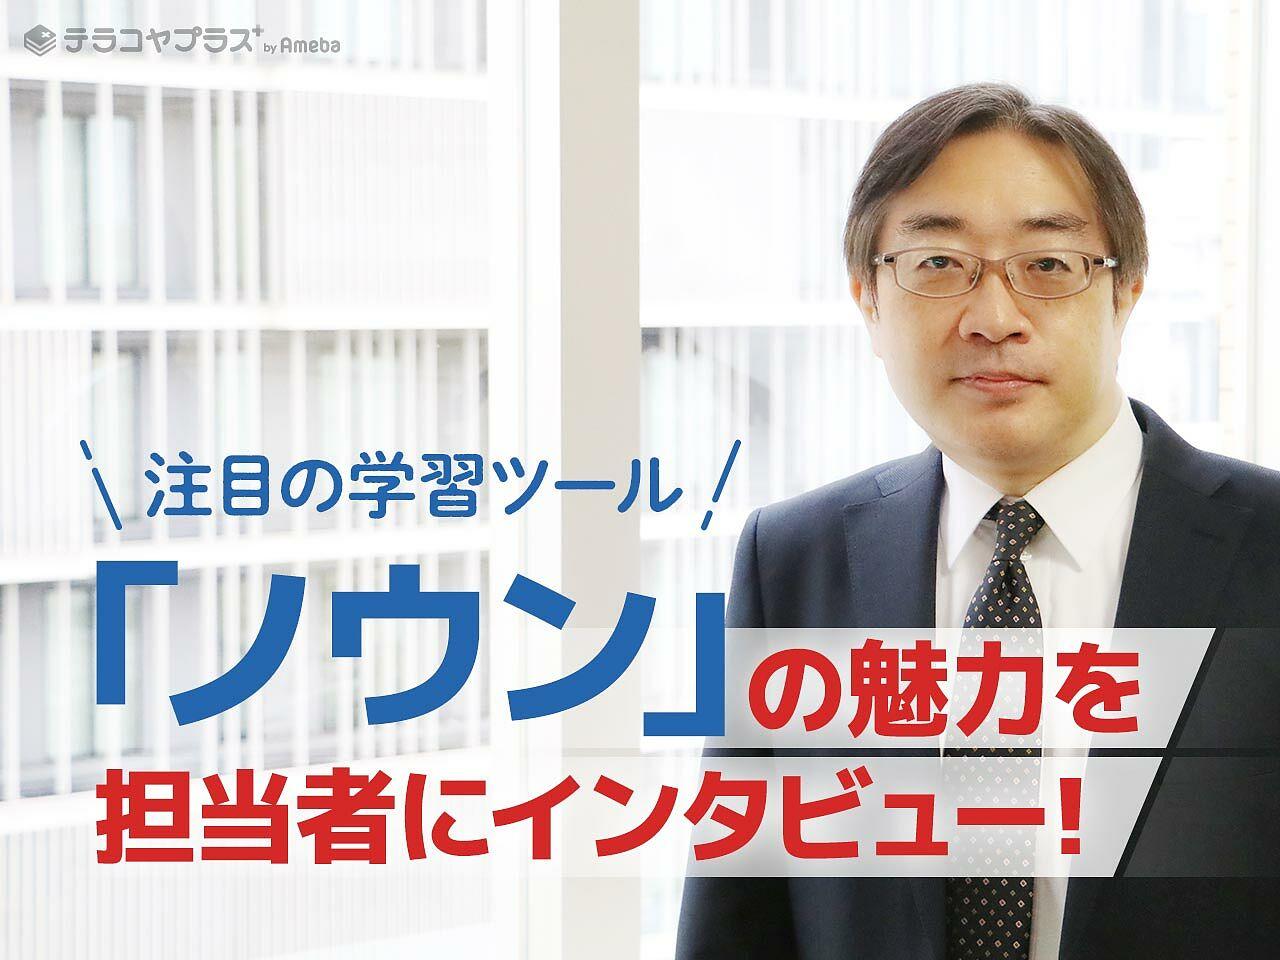 教育ビジネスで注目のデジタルドリル「ノウン」 NTTの技術を駆使した学習ツールとはの画像